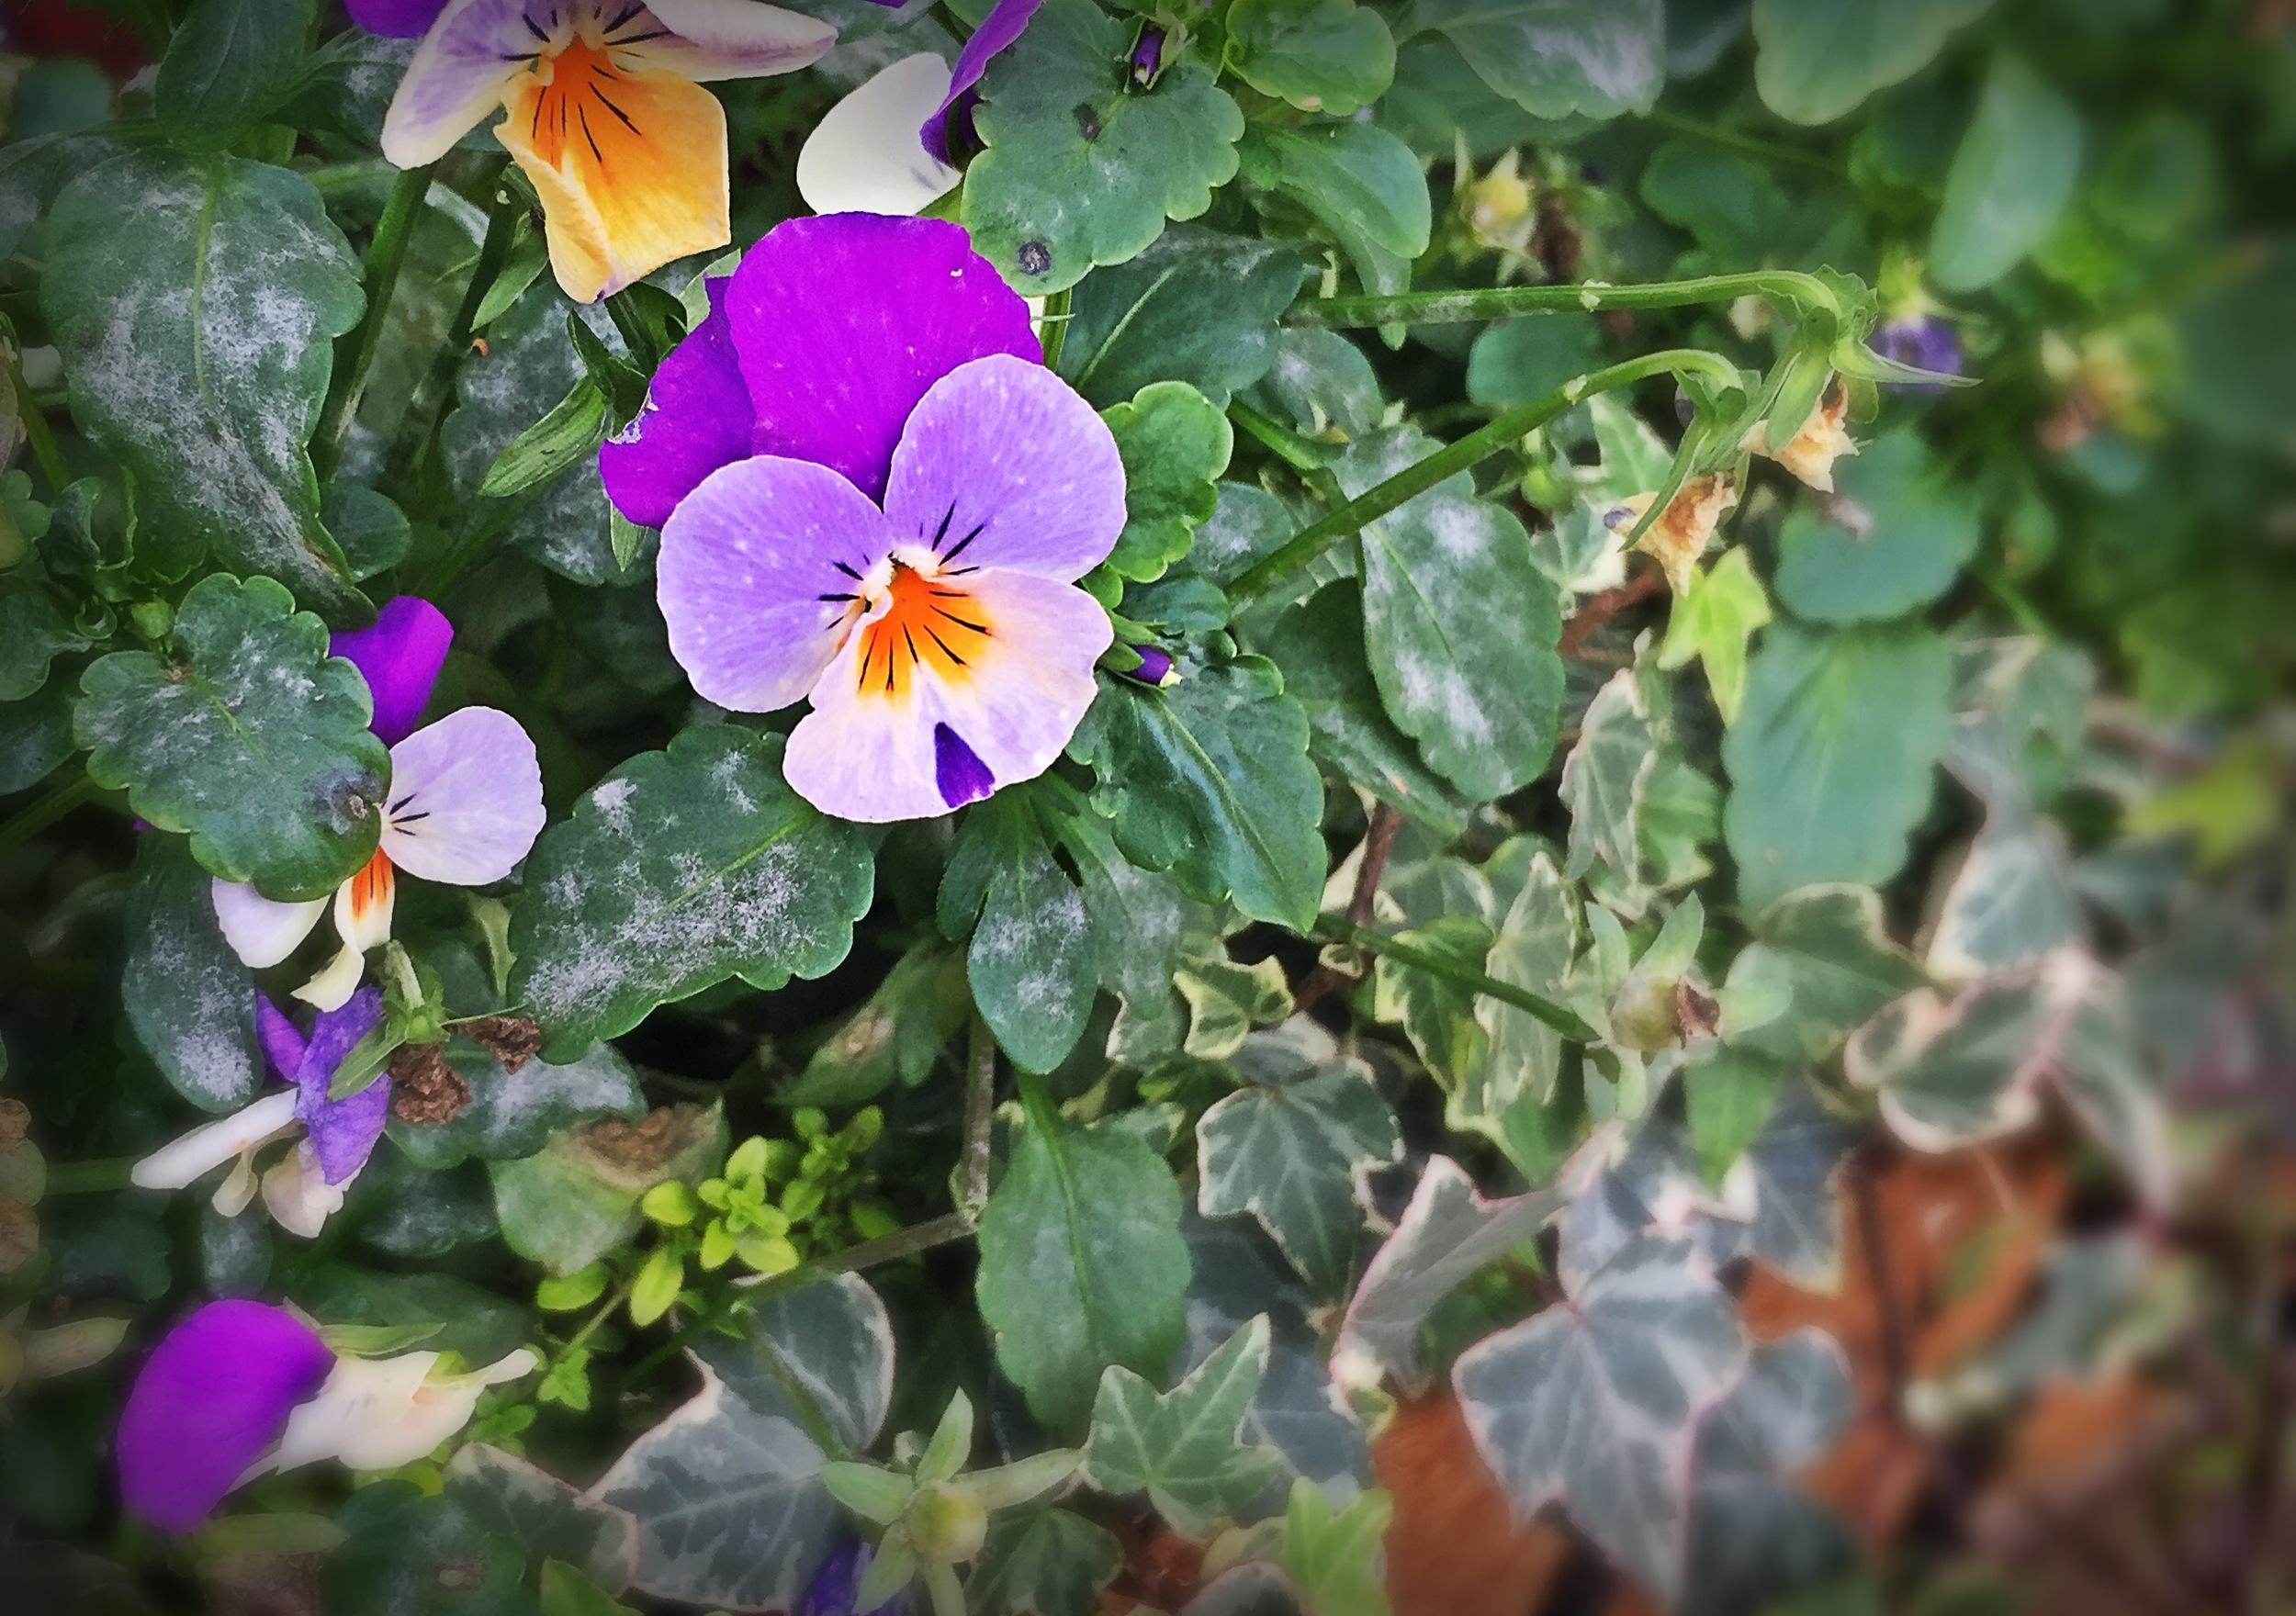 Social Media garden in bloom